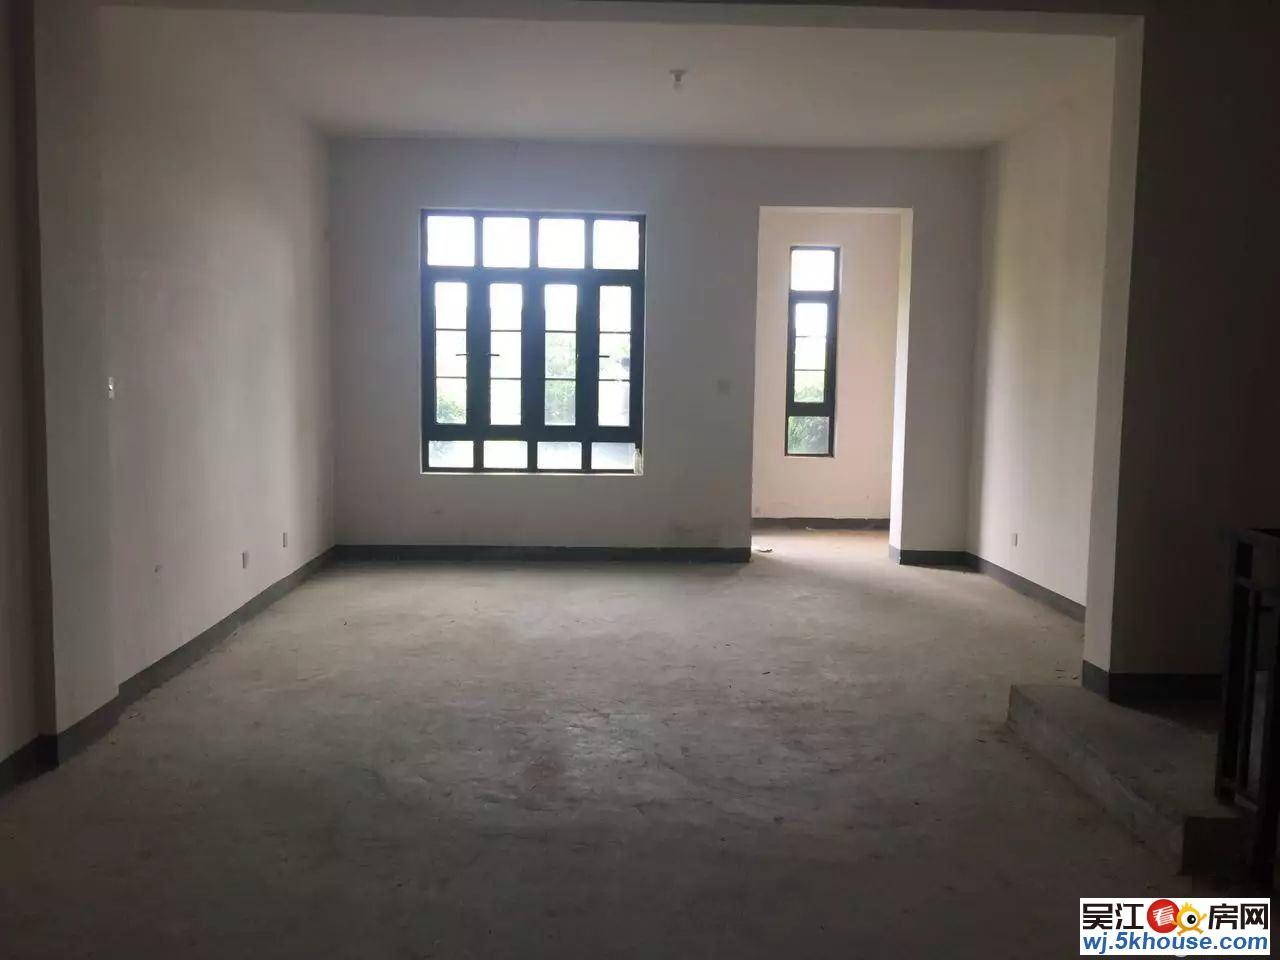 【三楼】别墅一楼城绿地一楼客厅多图加负太湖别墅挑高二楼装修图图片